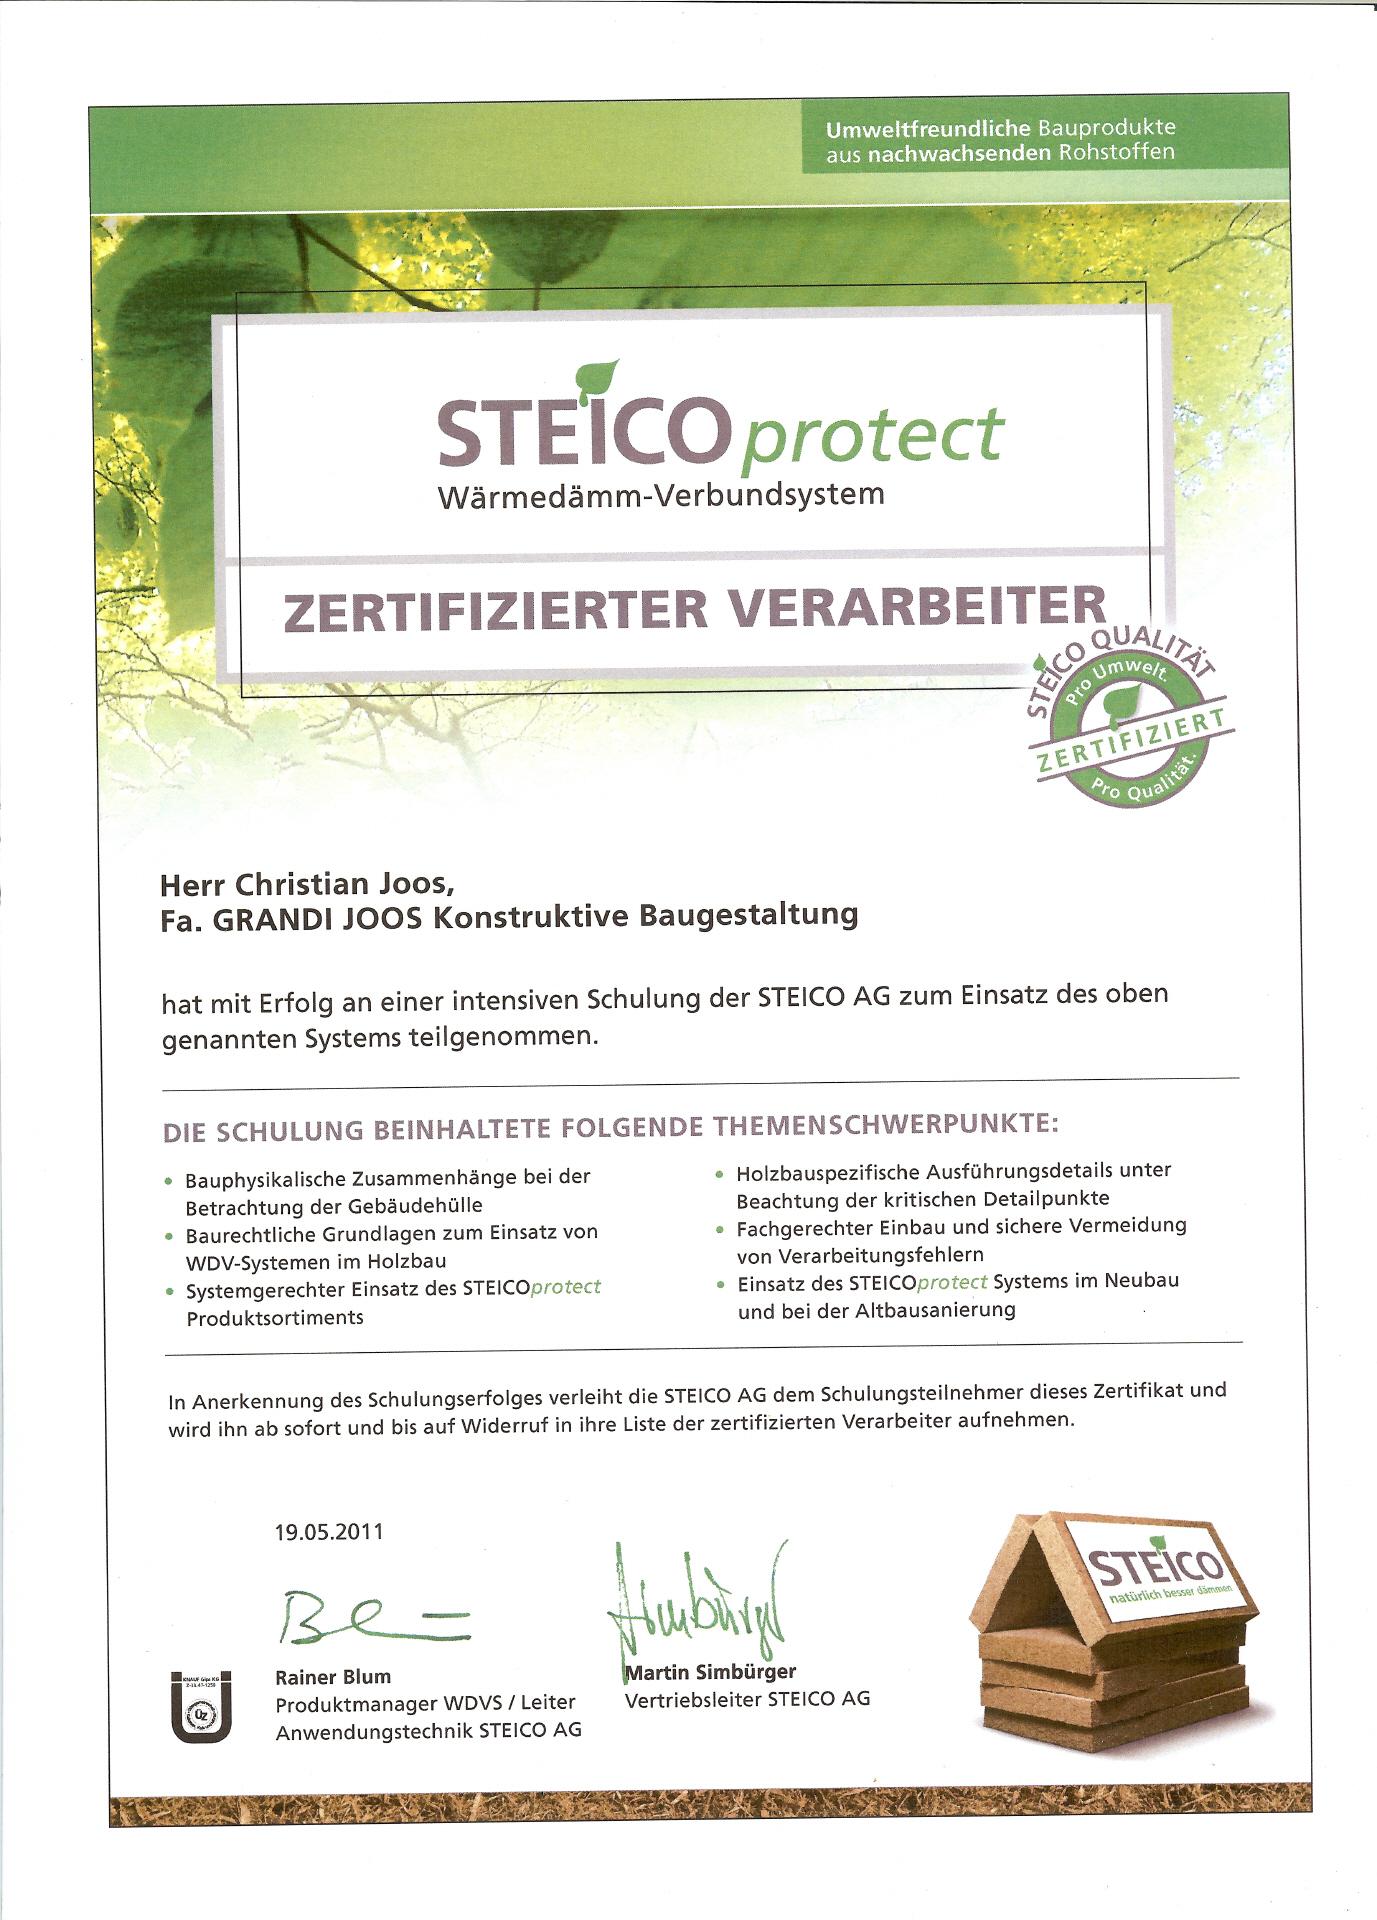 Wir sind zertifizierter STEICO-Partner